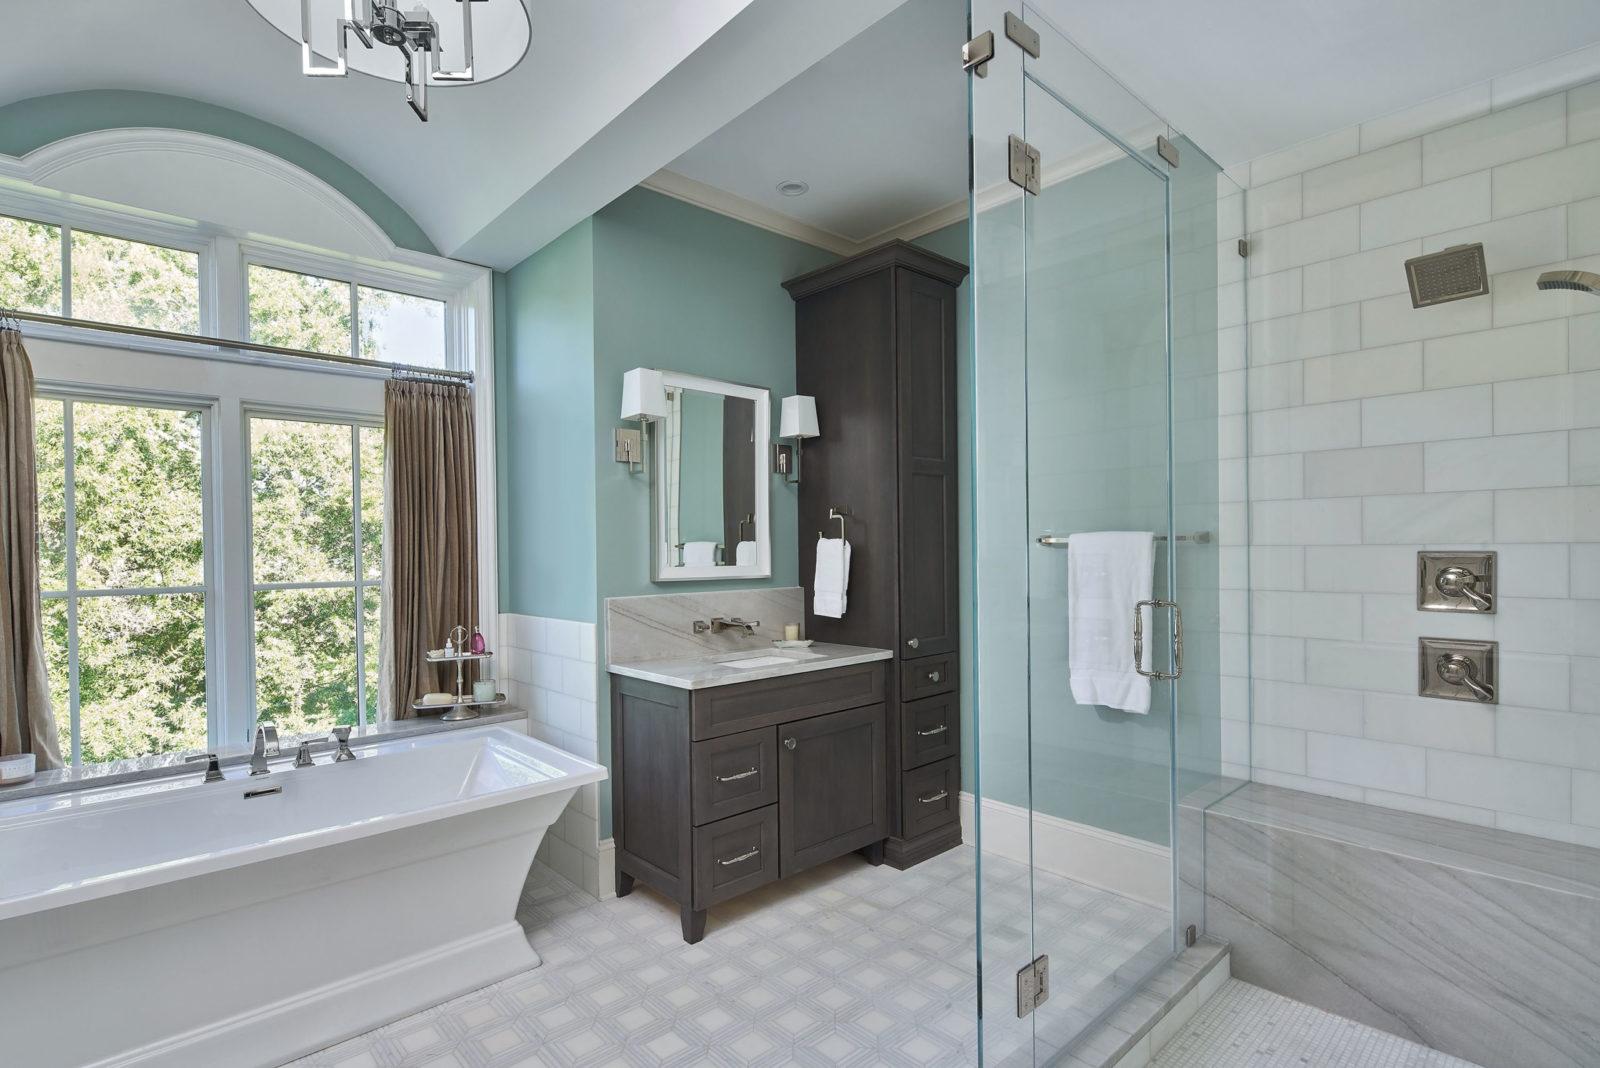 condo_bathroom_renovation_shower_remodel